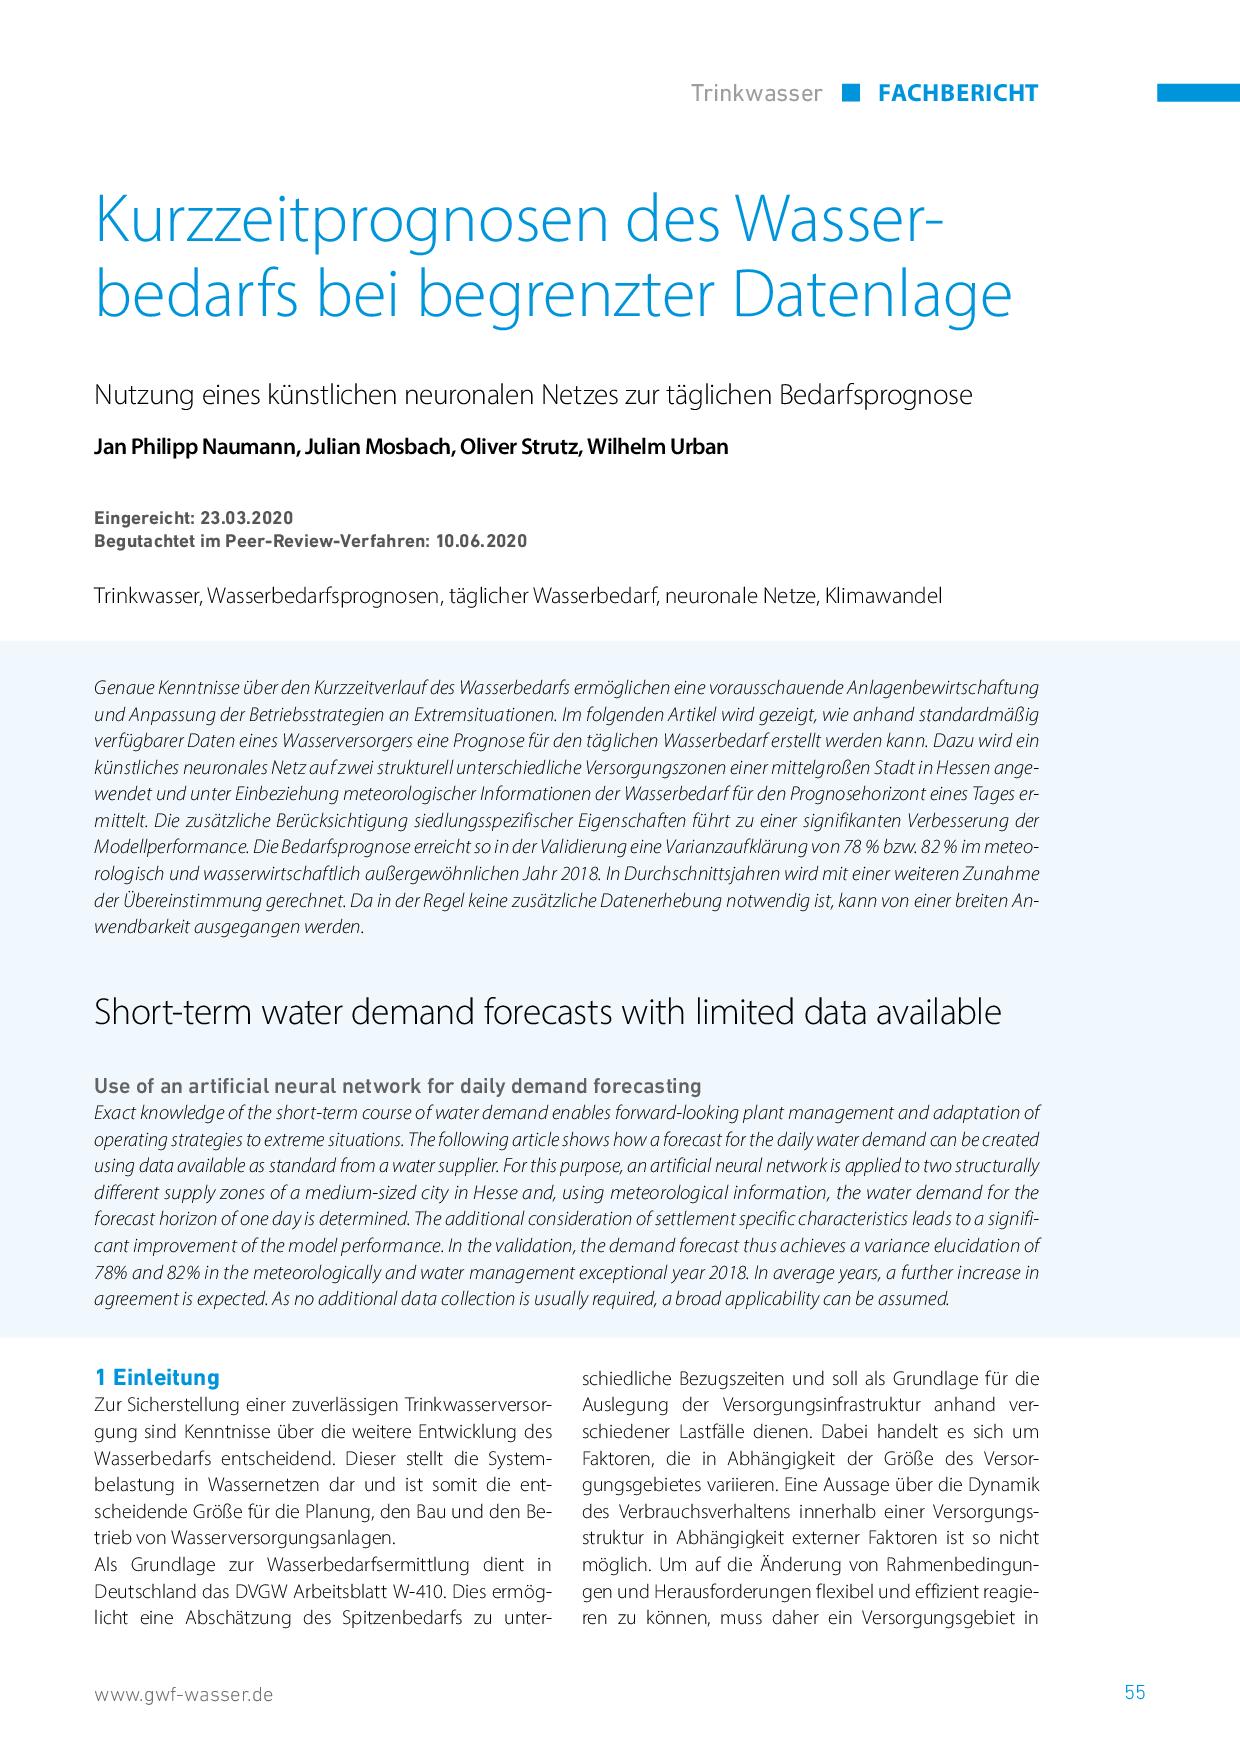 Kurzzeitprognosen des Wasserbedarfs bei begrenzter Datenlage